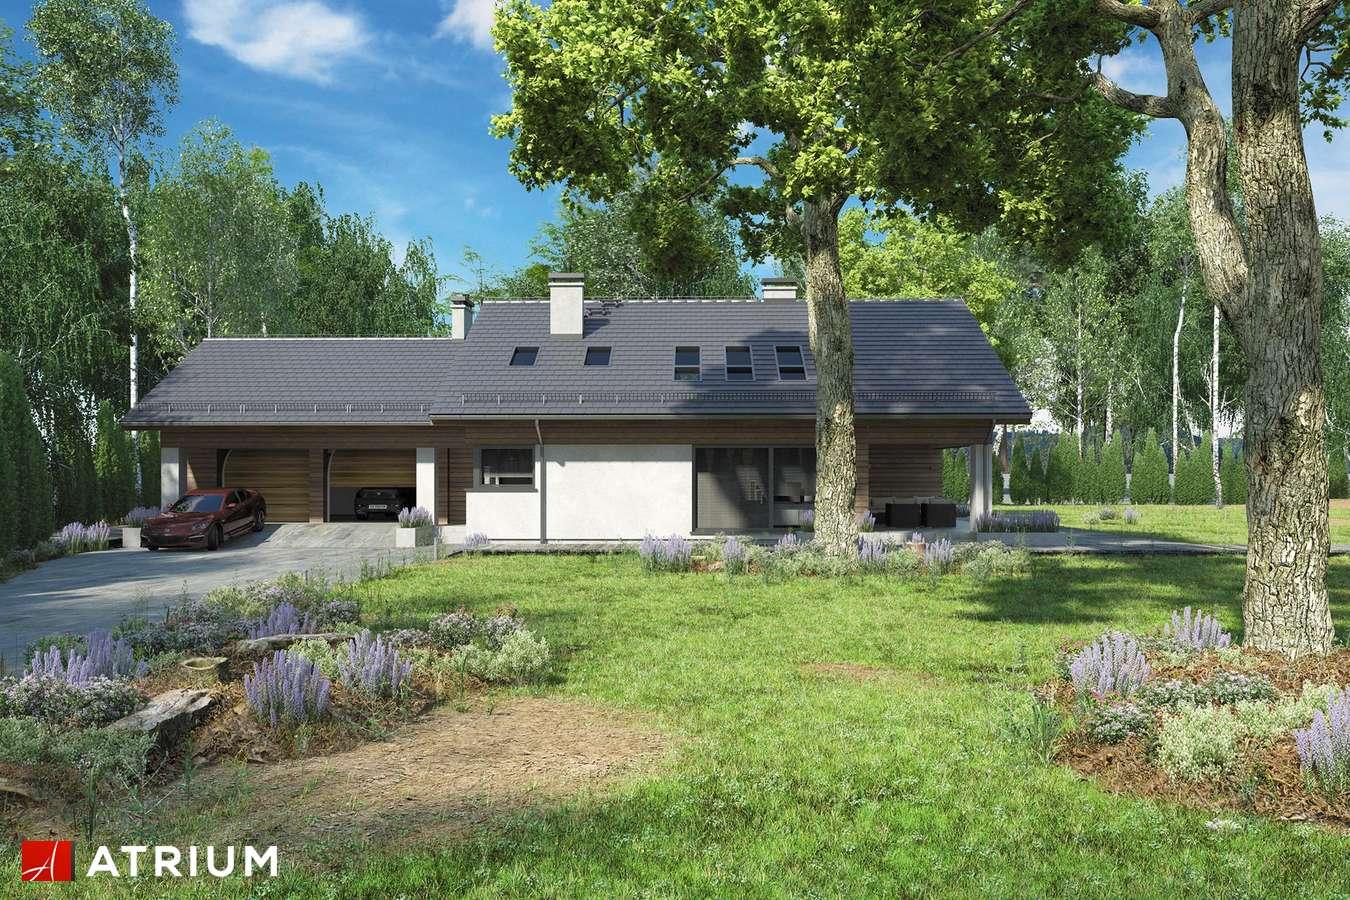 Projekty domów - Projekt domu z poddaszem KOS PLUS II - wizualizacja 1 - wersja lustrzana